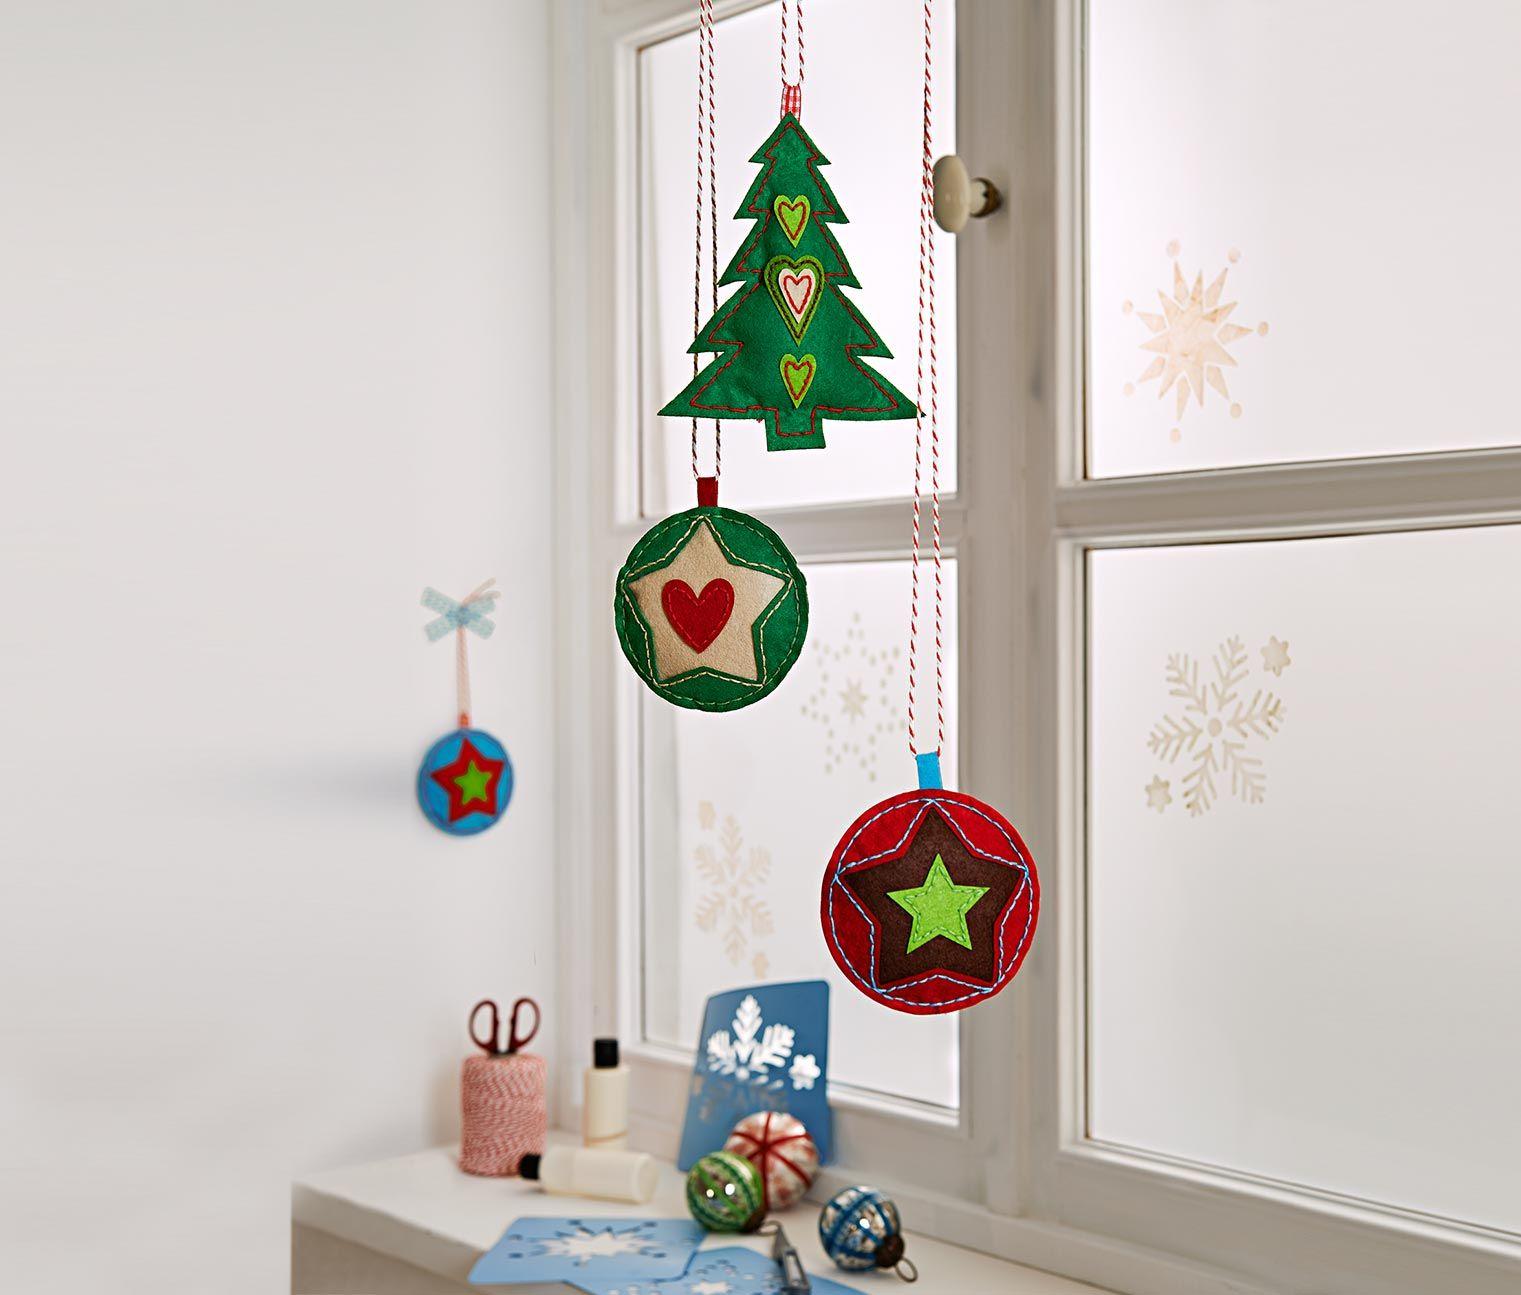 Festliche #Dekoration fürs Fenster: Filzanhänger- #Bastelset für €12,95 bei #Tchibo